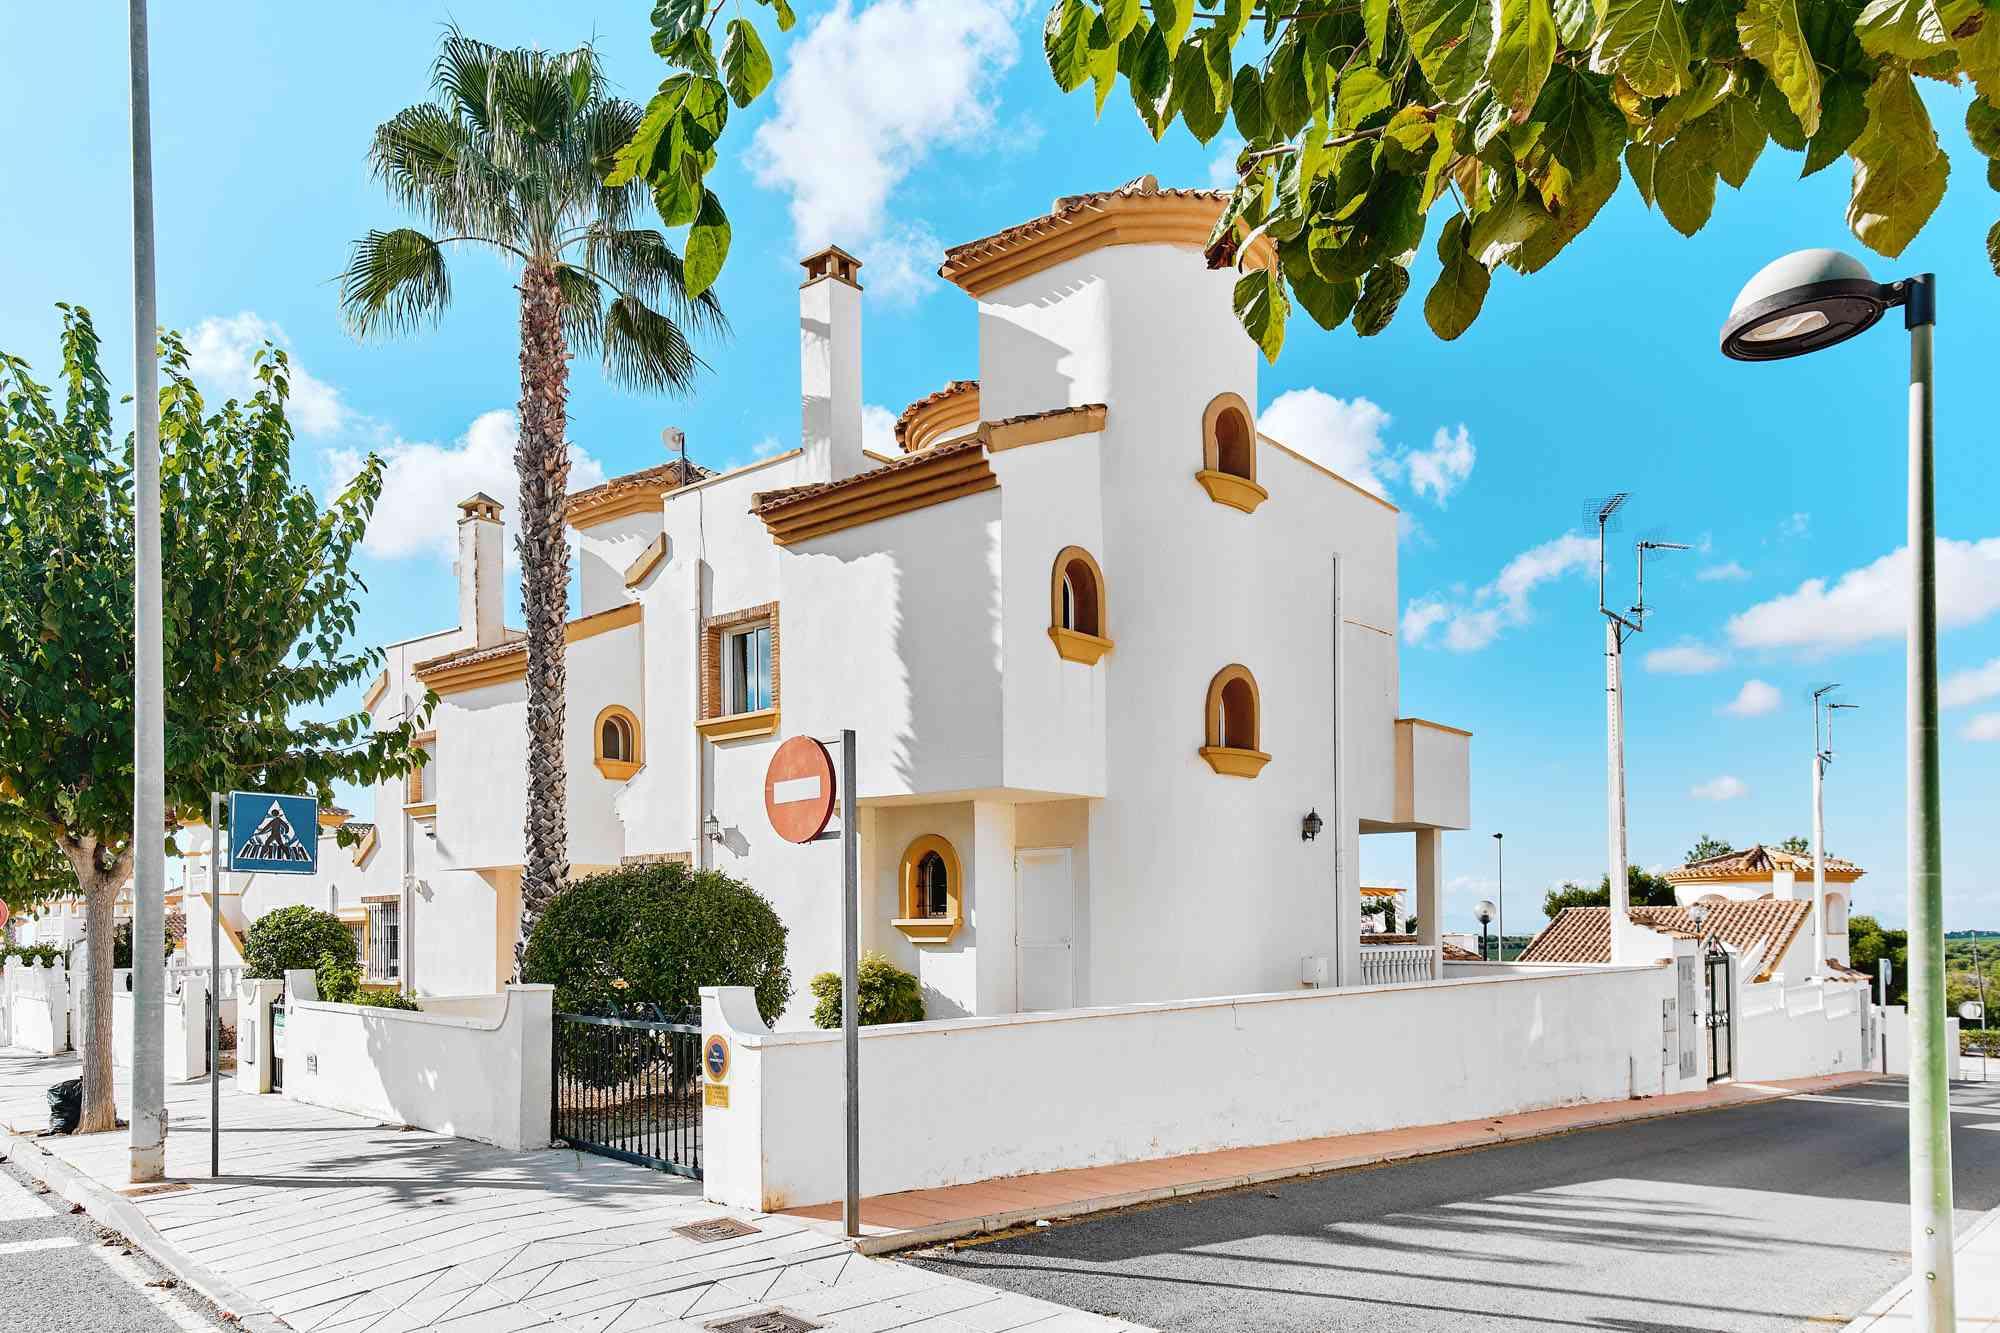 For sale: 3 bedroom house / villa in Pinar De Campoverde, Costa Blanca